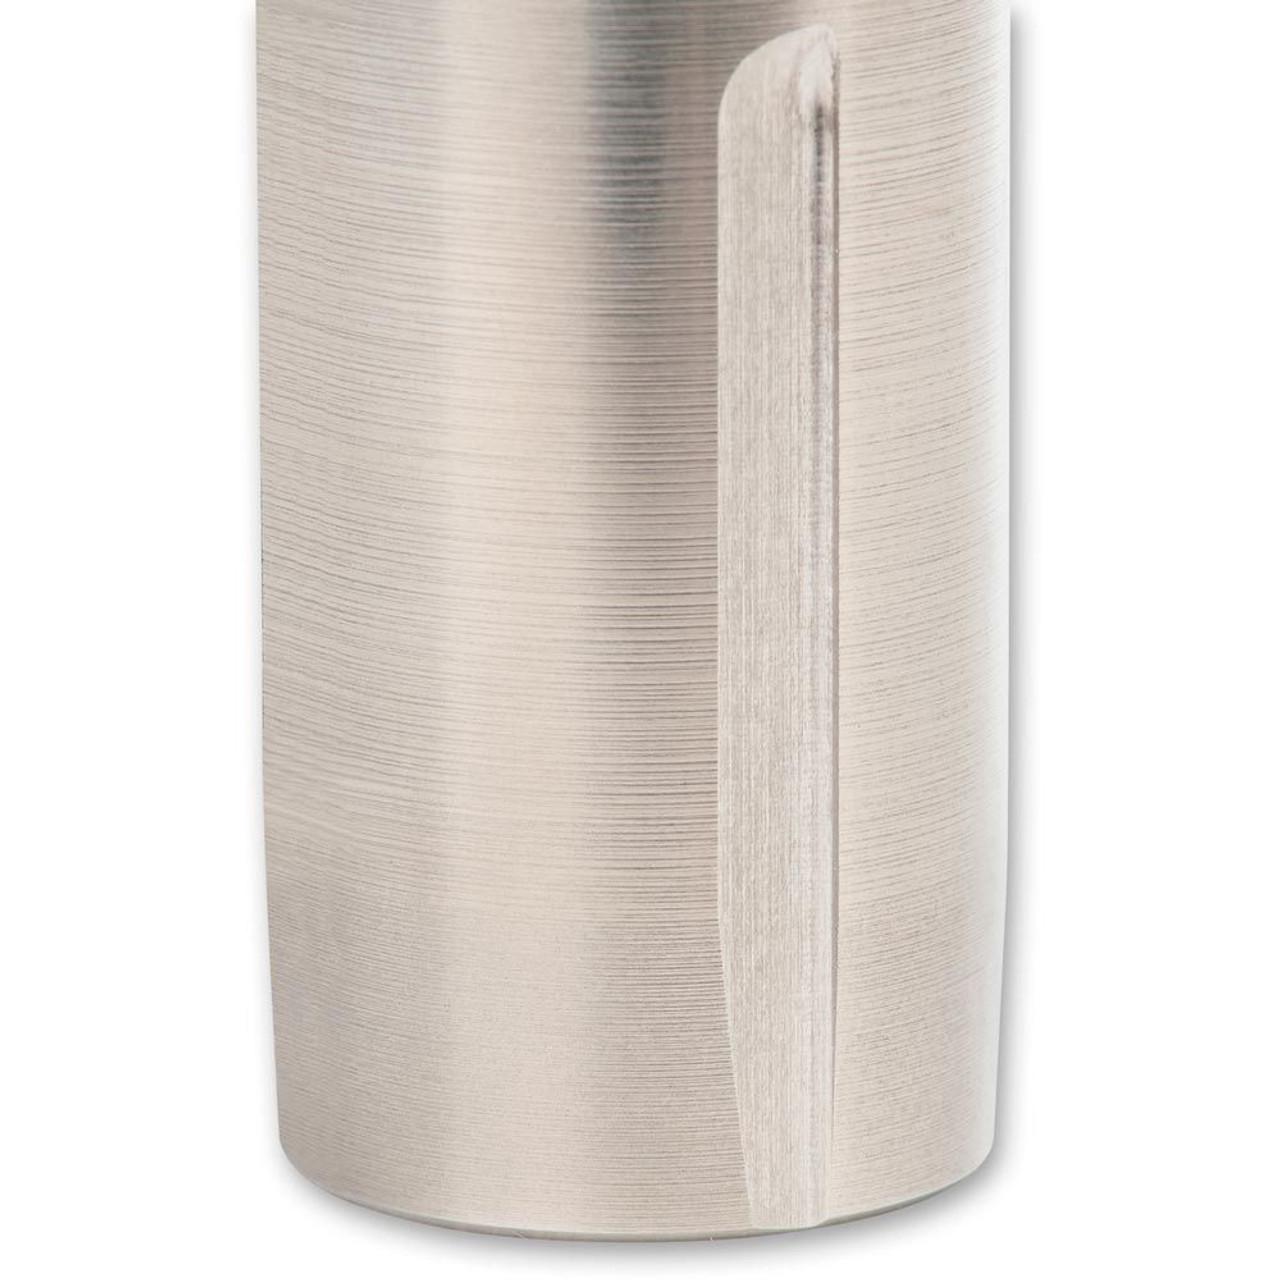 UJK Parf System Reamer for 20mm Holes